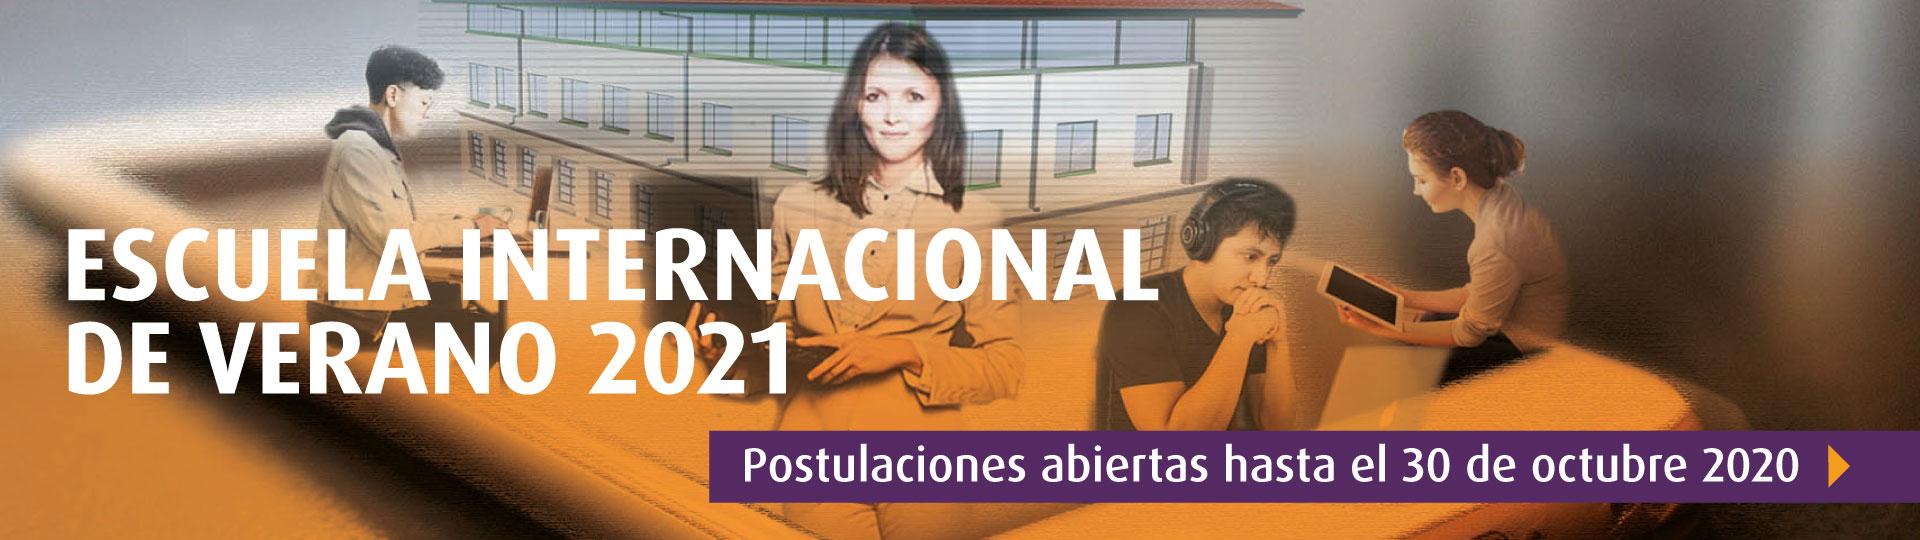 Postulaciones para Escuela Int. de Verano 2021 | Derecho | Uniandes